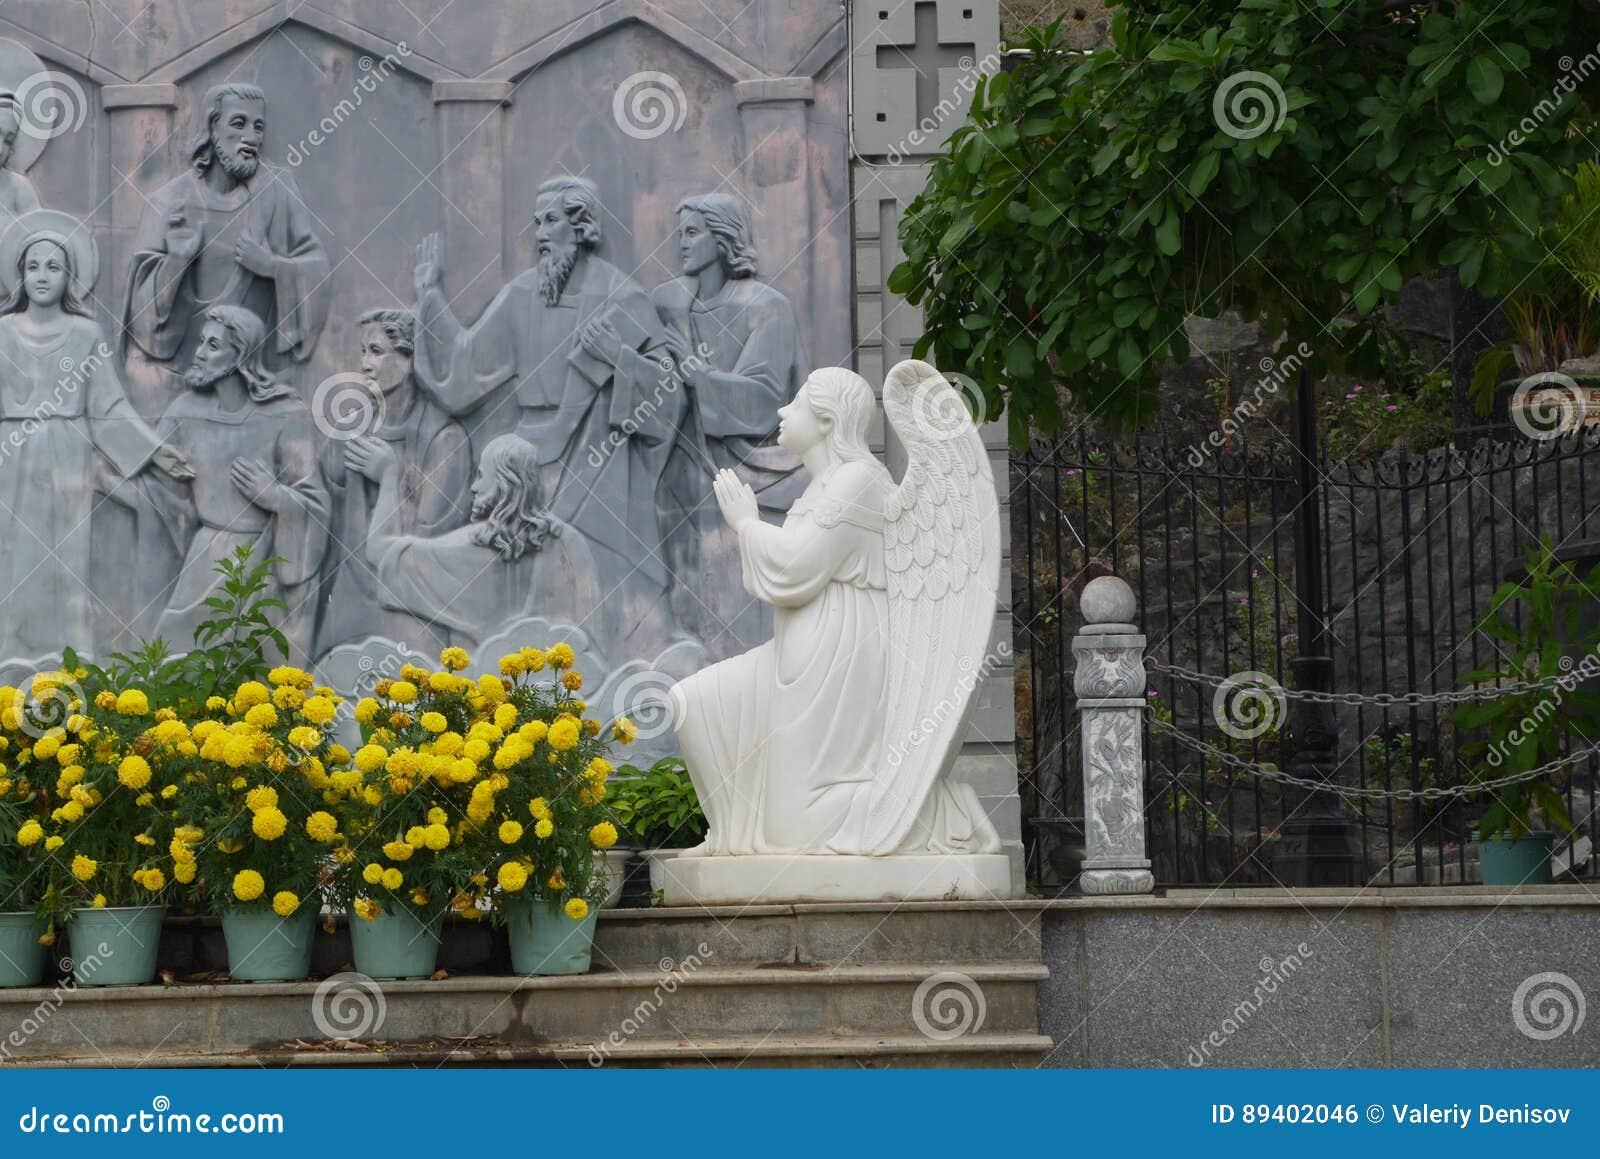 Escultura de um anjo do ajoelhamento em uma parede com lotes em um tema bíblico